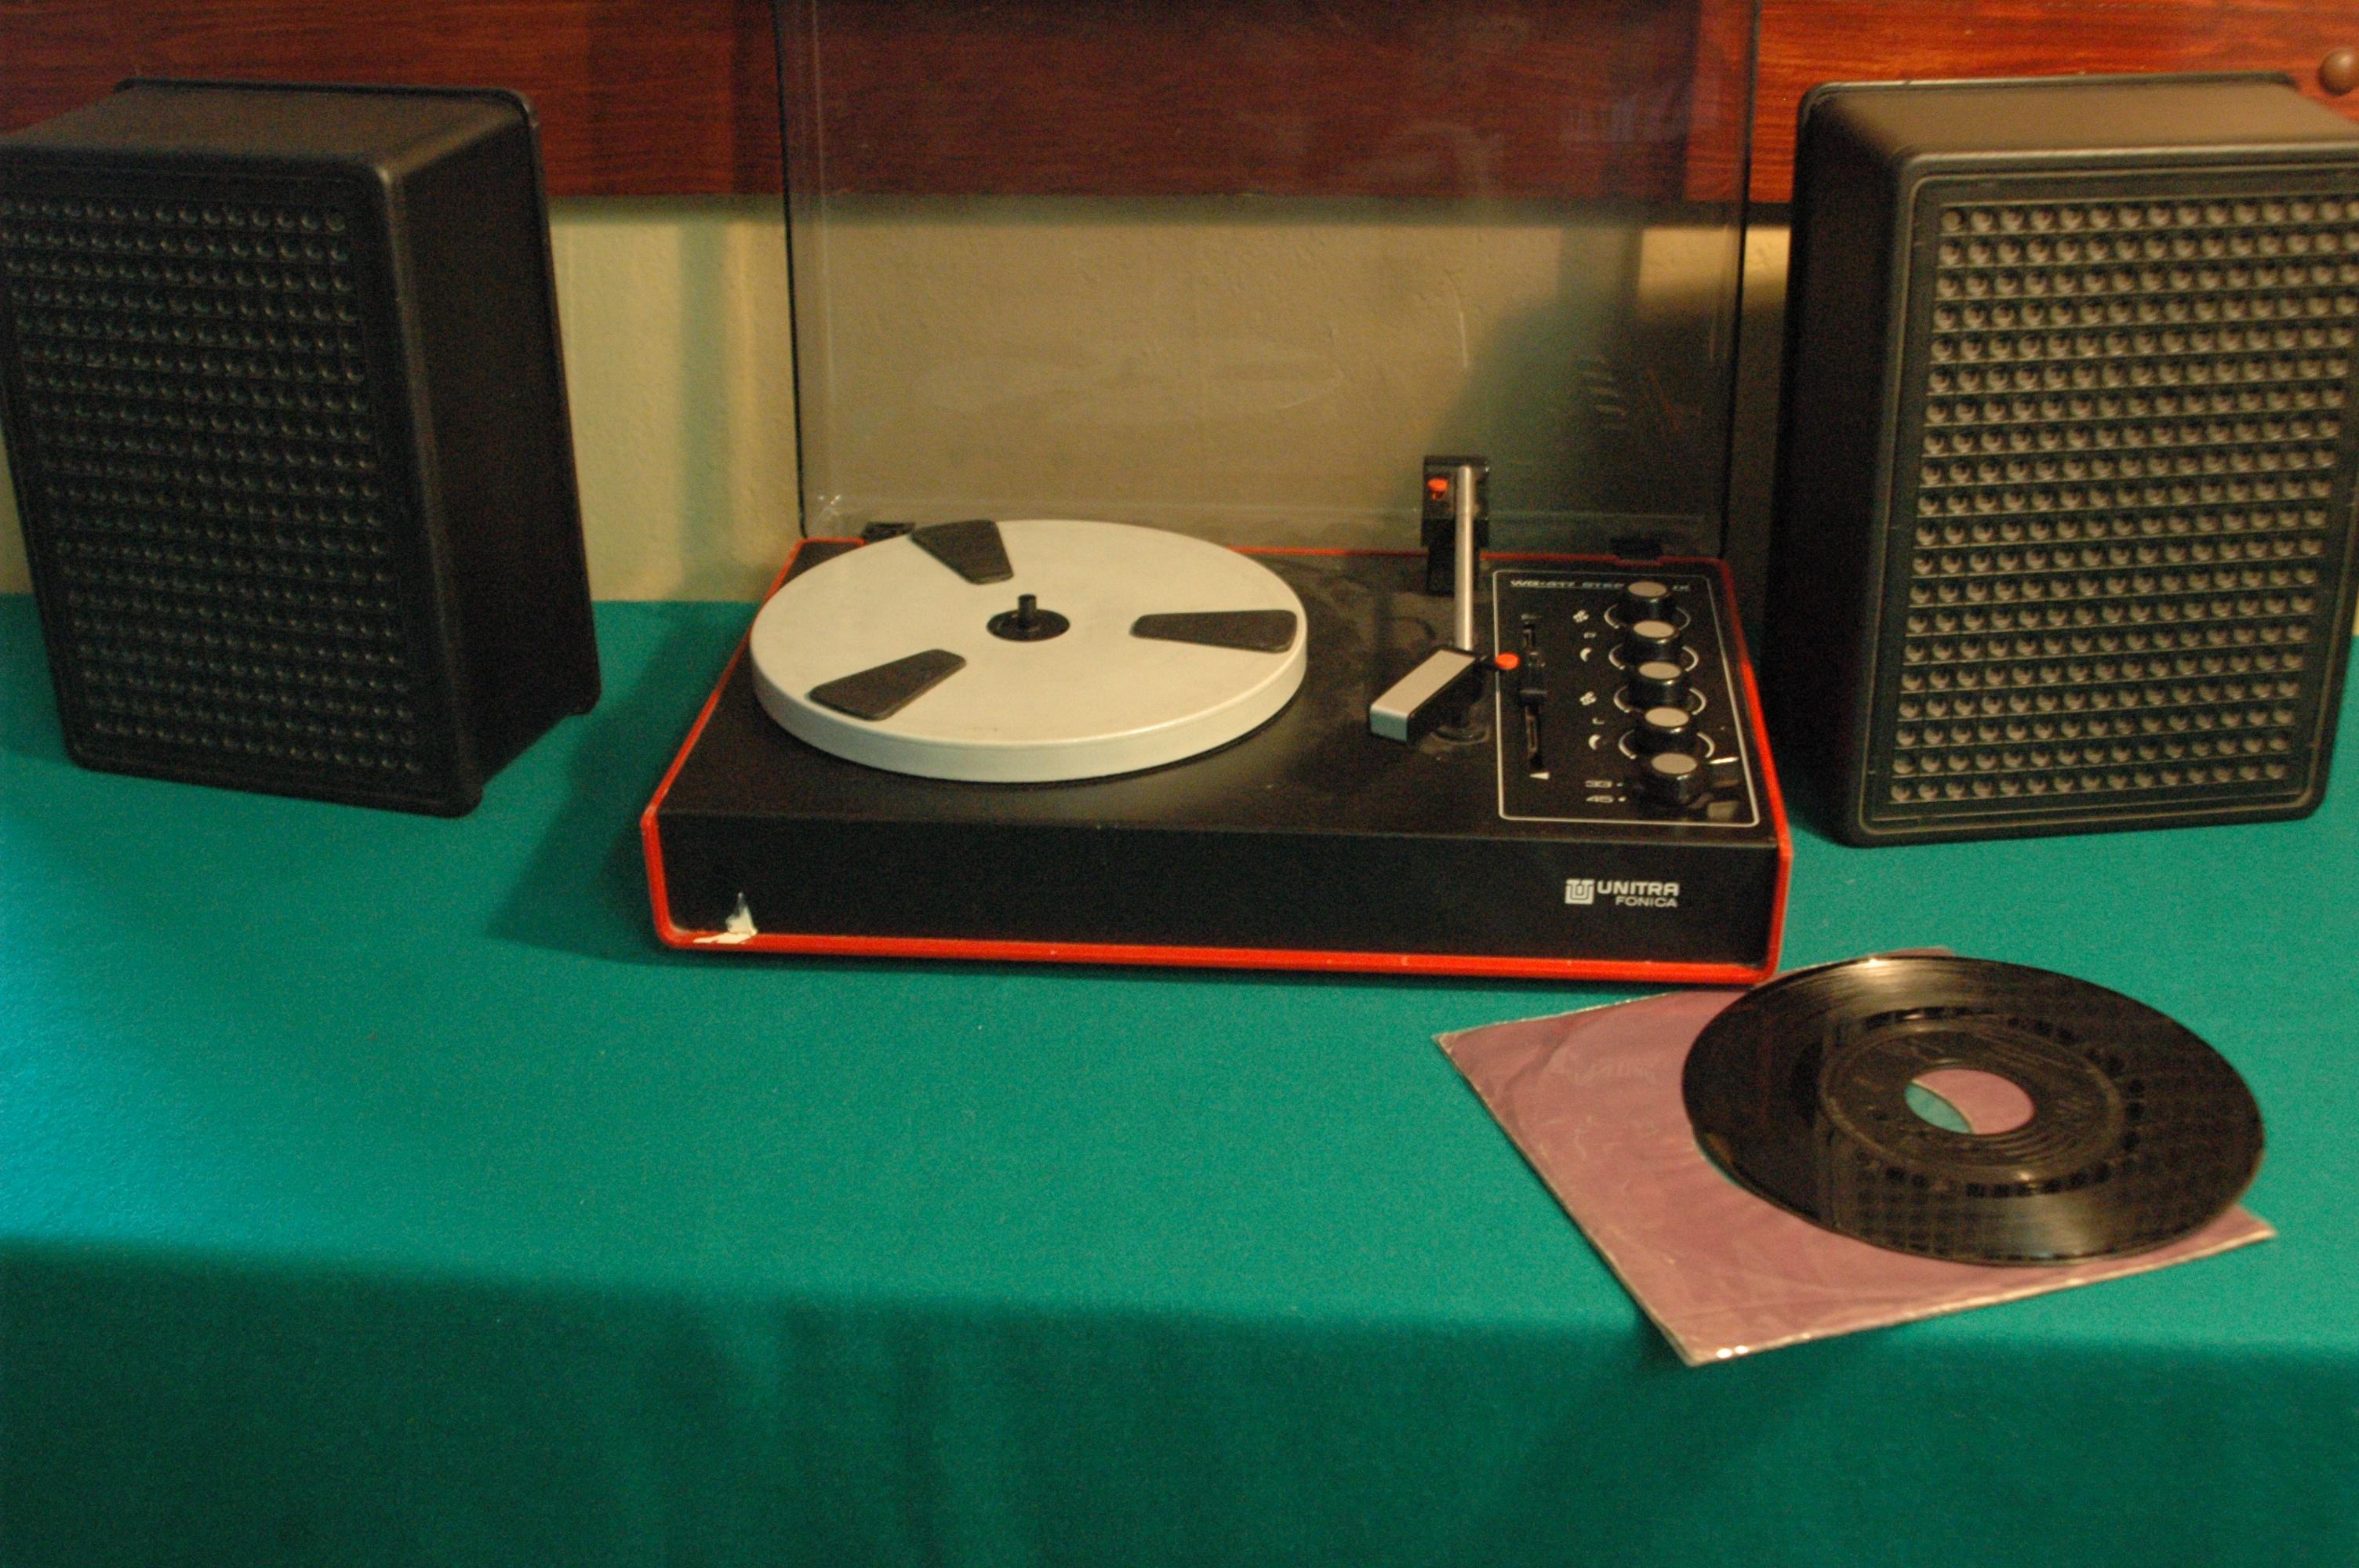 """""""Podejrzaną"""" piosenkę można """"odsłuchać"""" z oryginalnej winylowej płyty z tamtych czasów za pomocą równie autentycznego starego adapteru."""